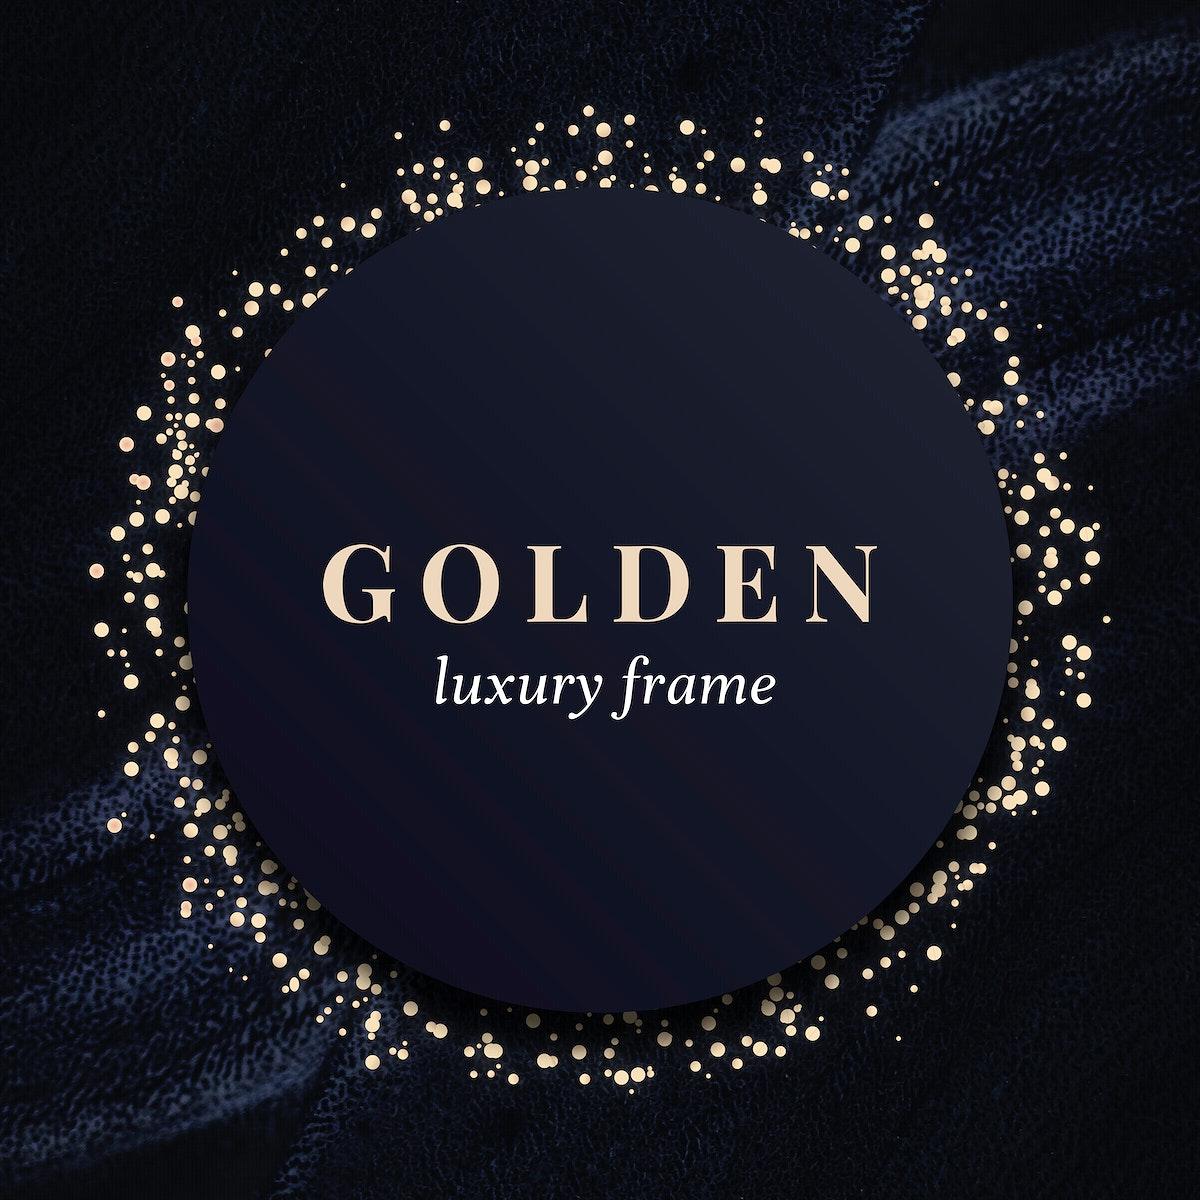 Gold circle frame on a black background illustration